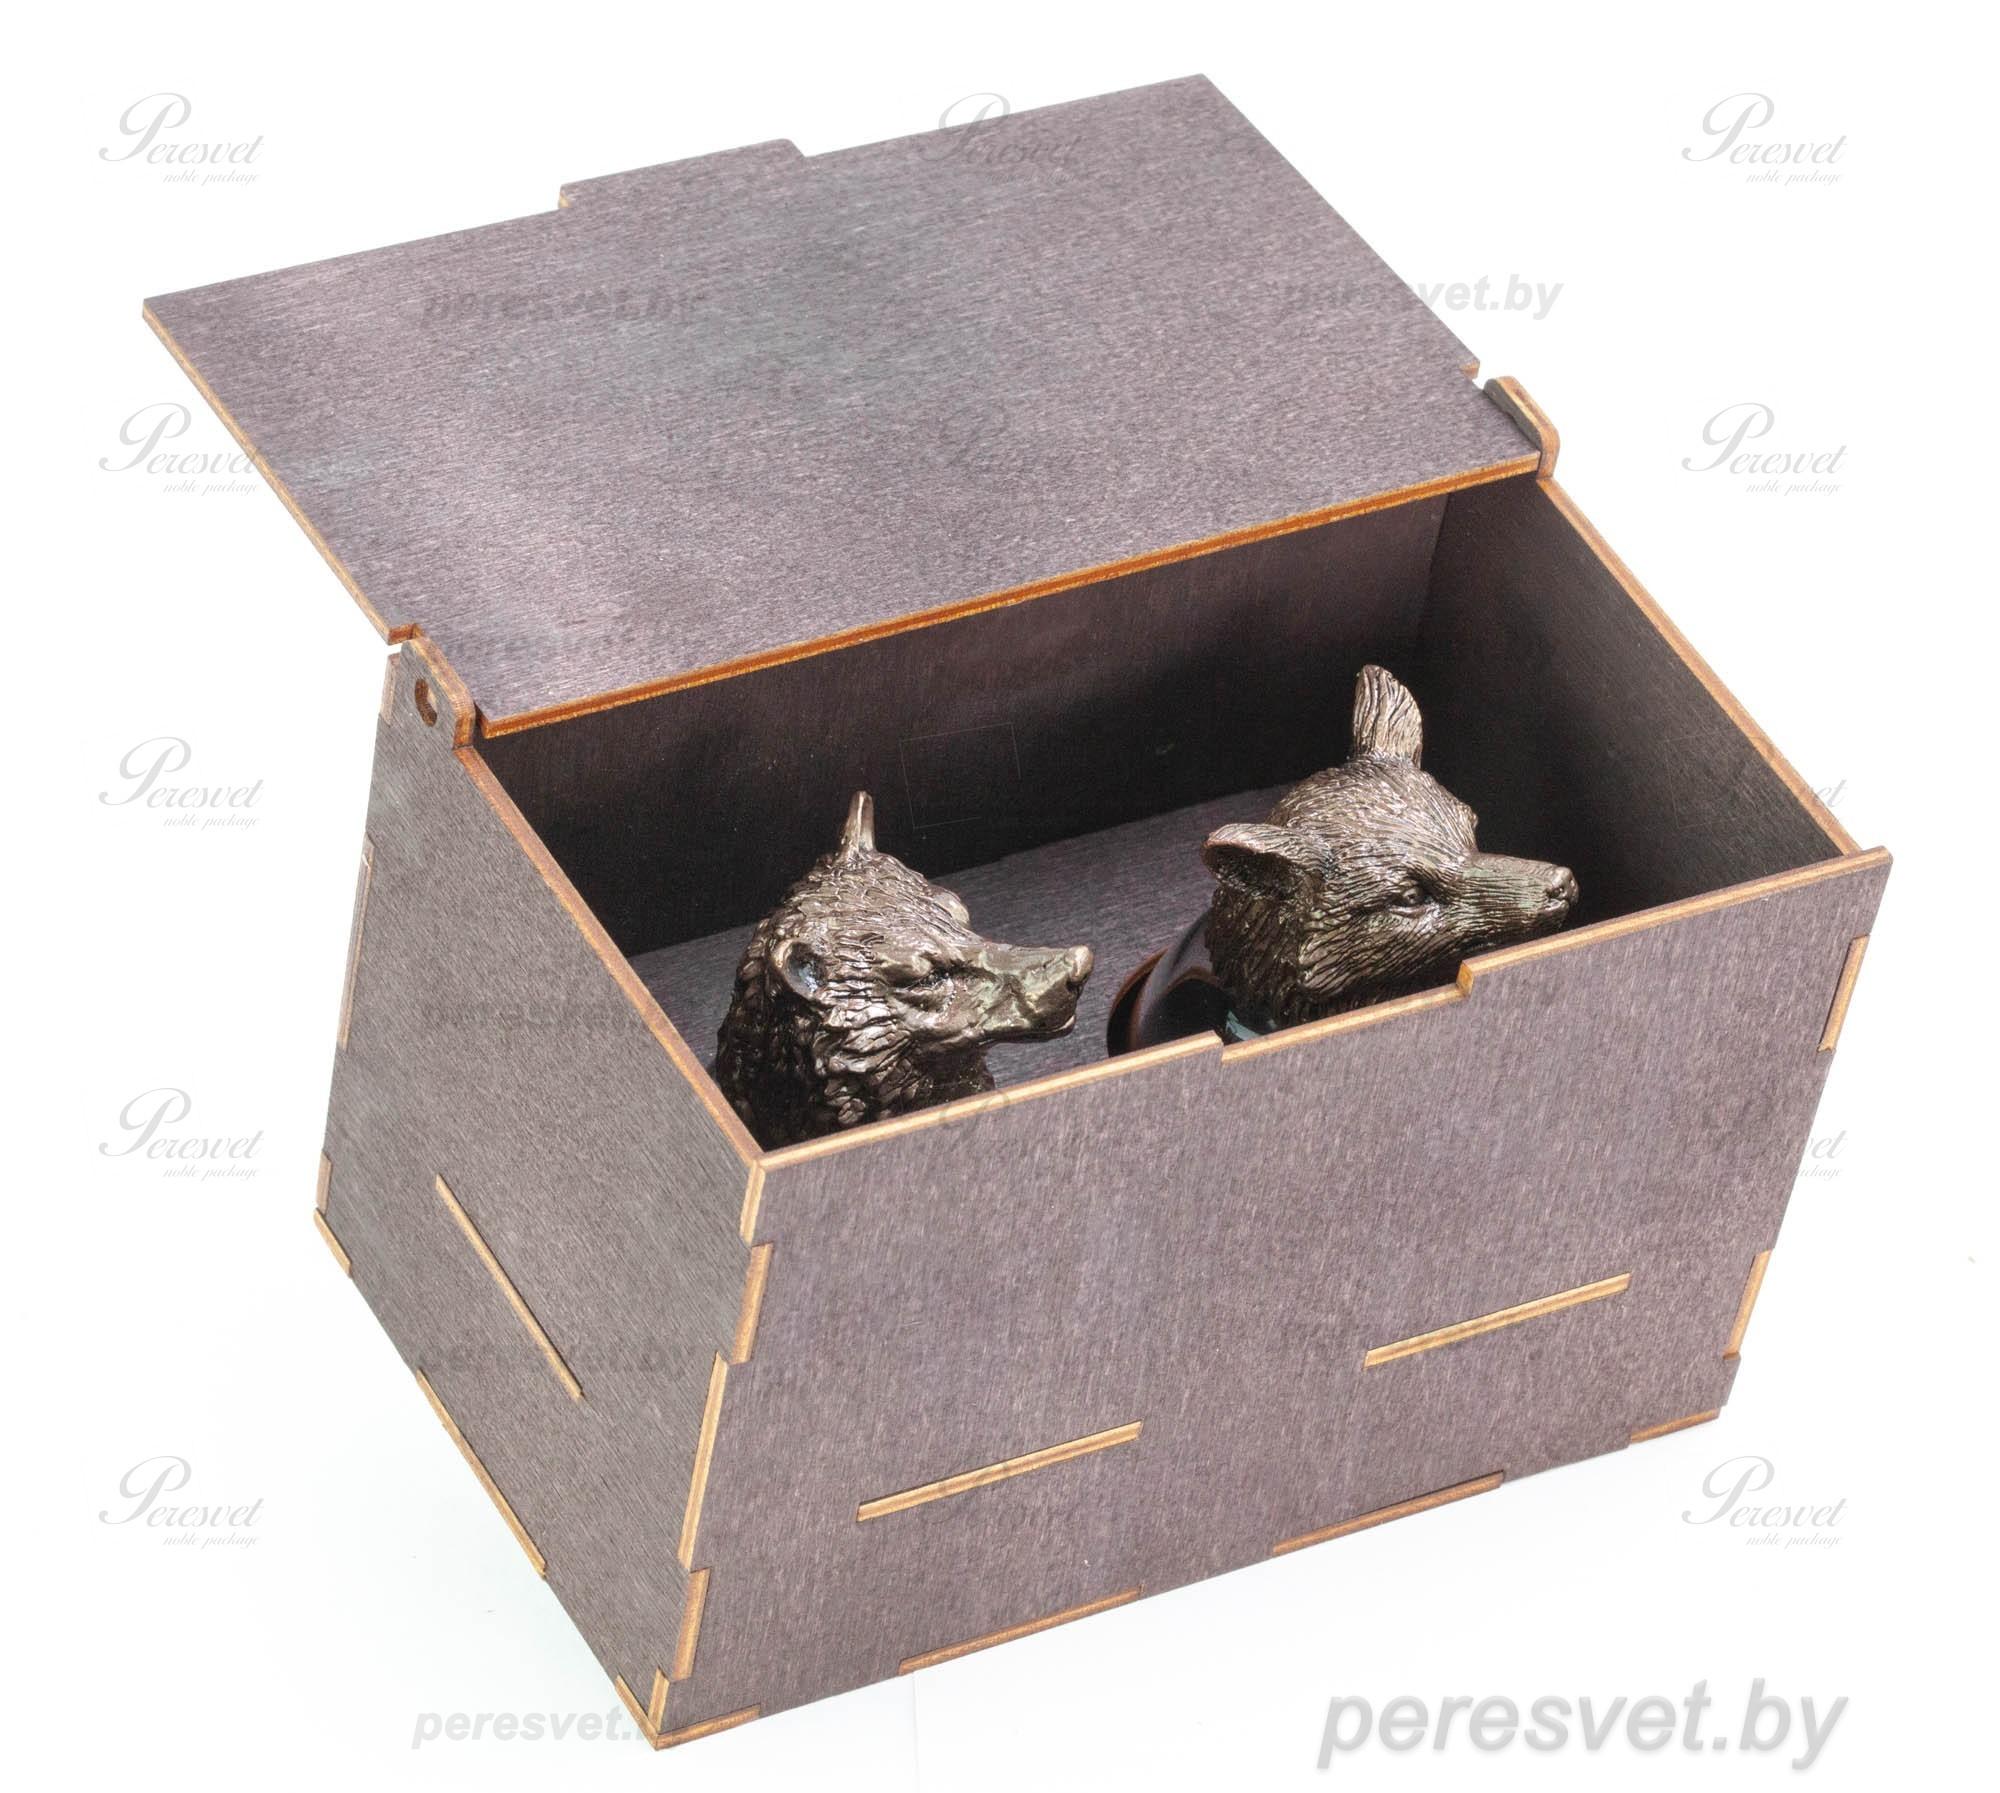 Набор рюмок перевертышей Pair Premium в деревянной шкатулке на peresvet.by